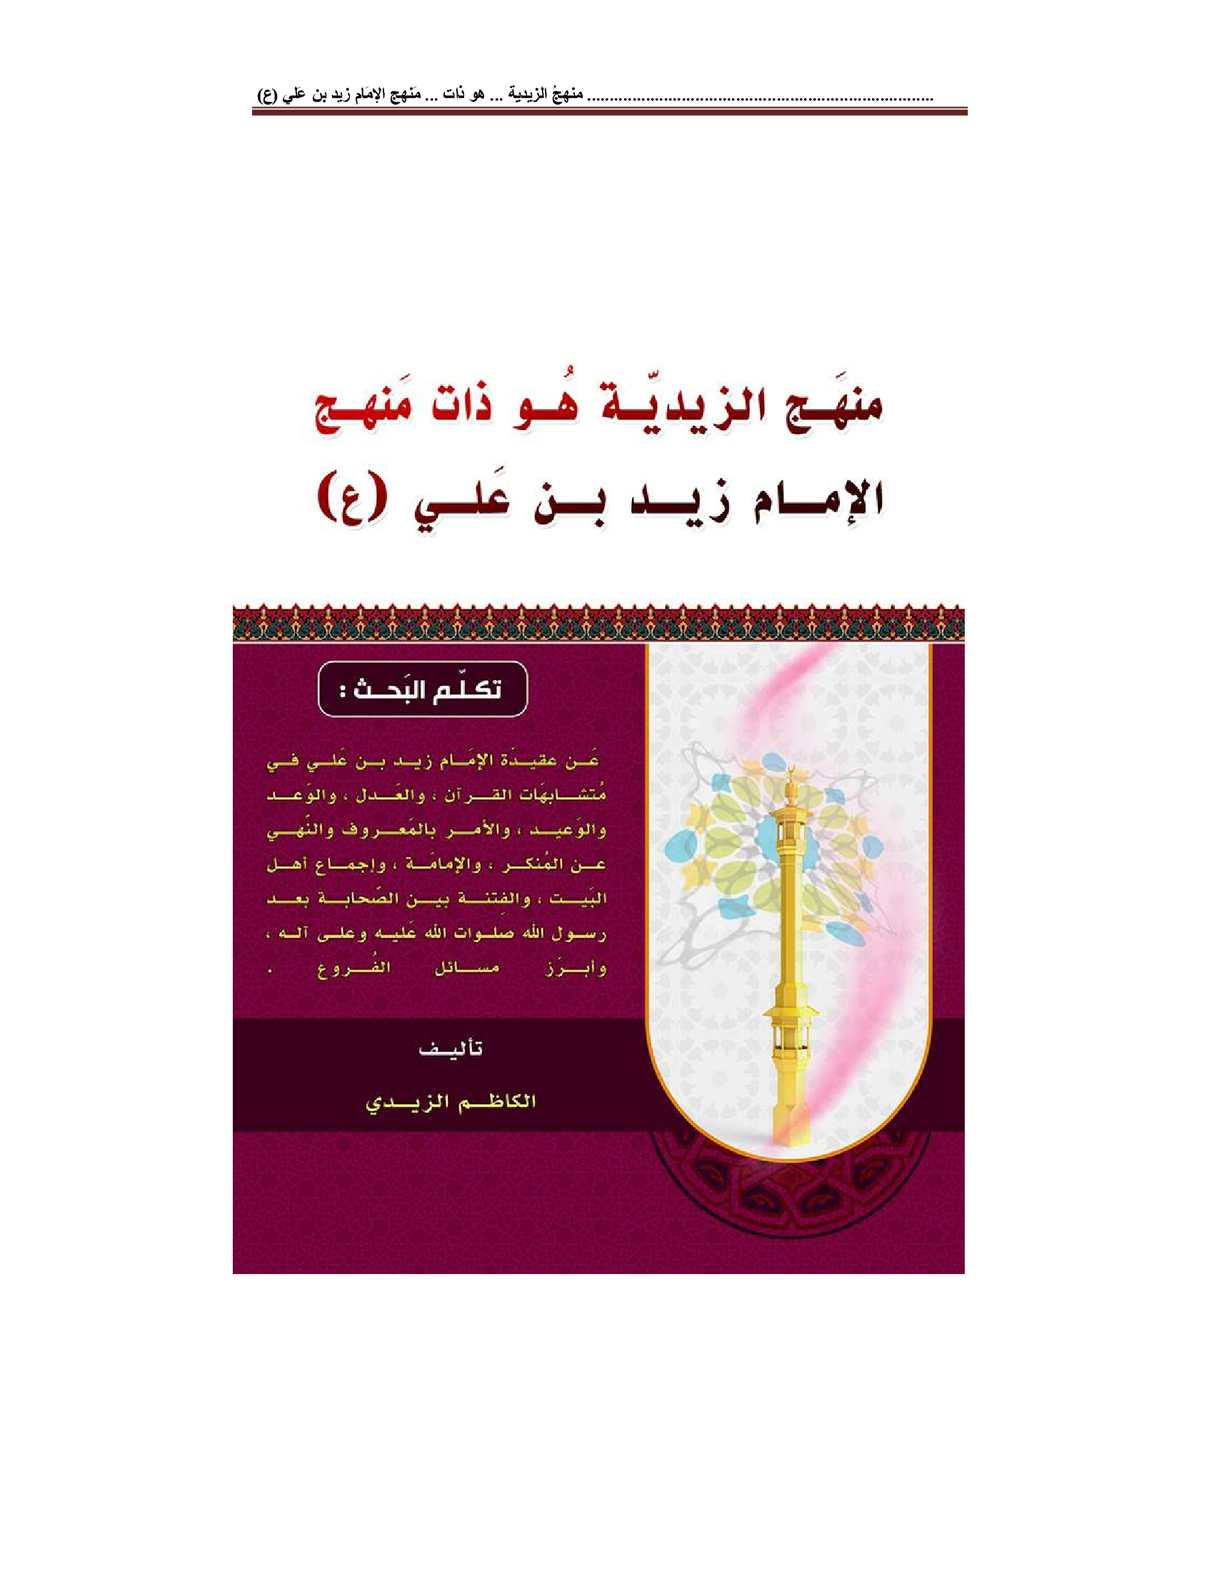 منهج الزيدية هو ذات منهج الإمام الأعظم زيد بن علي